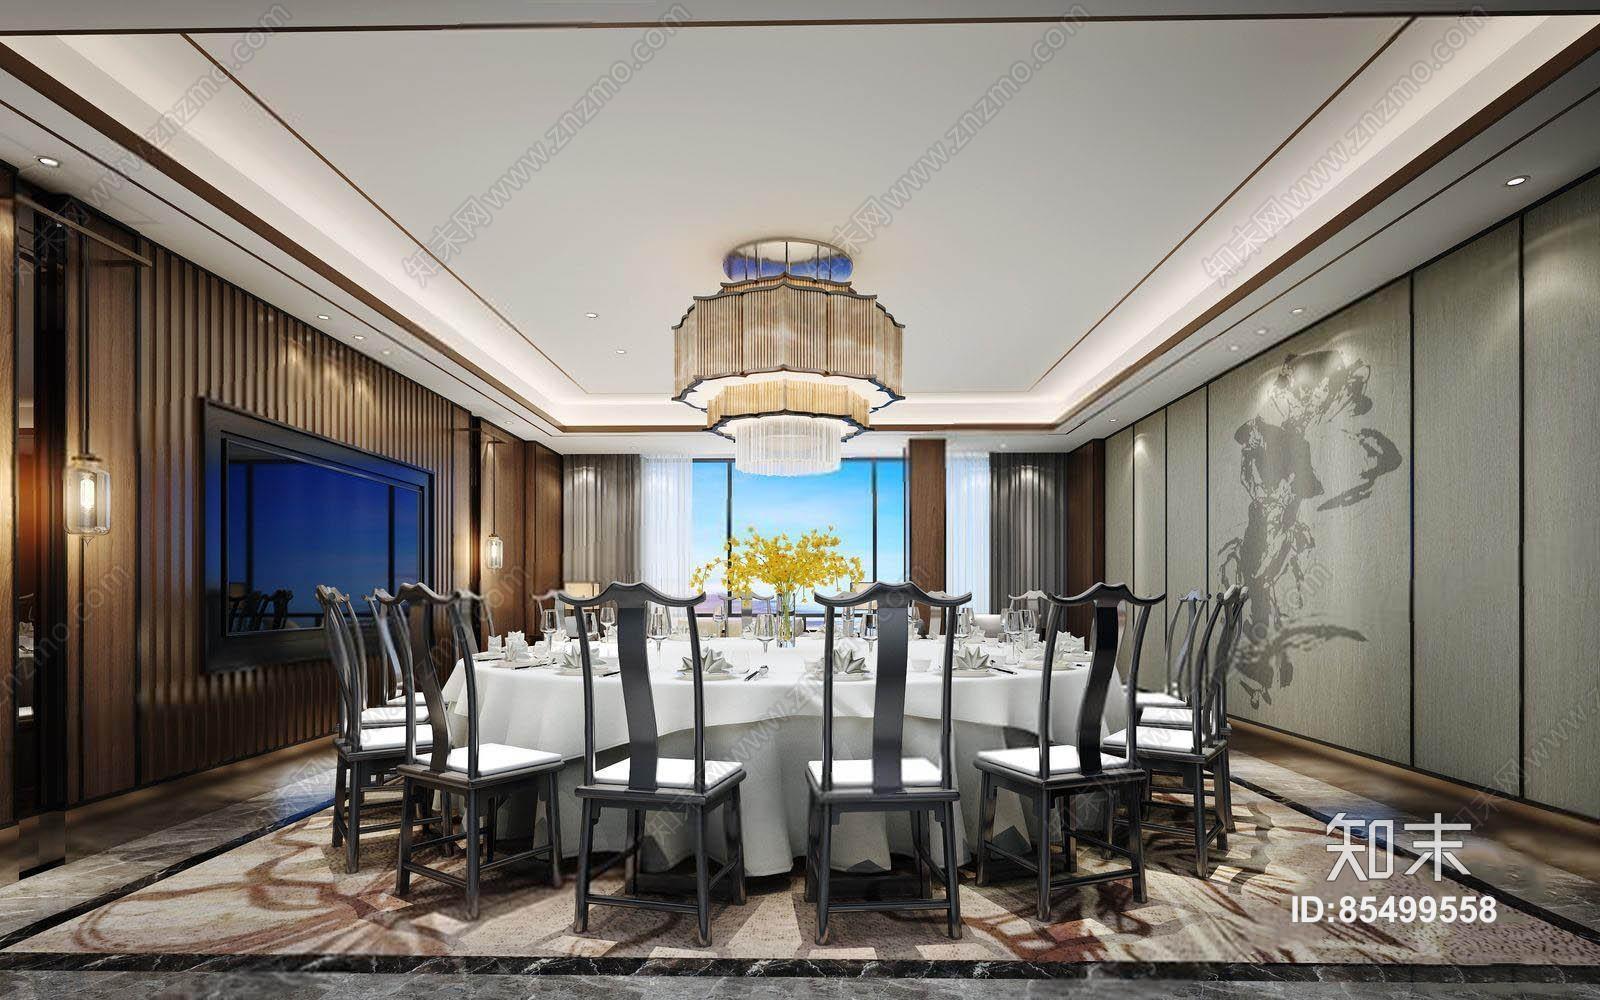 新中式包厢 新中式餐饮 餐厅 包厢 吊灯 圆餐桌 新中式椅子 背景墙